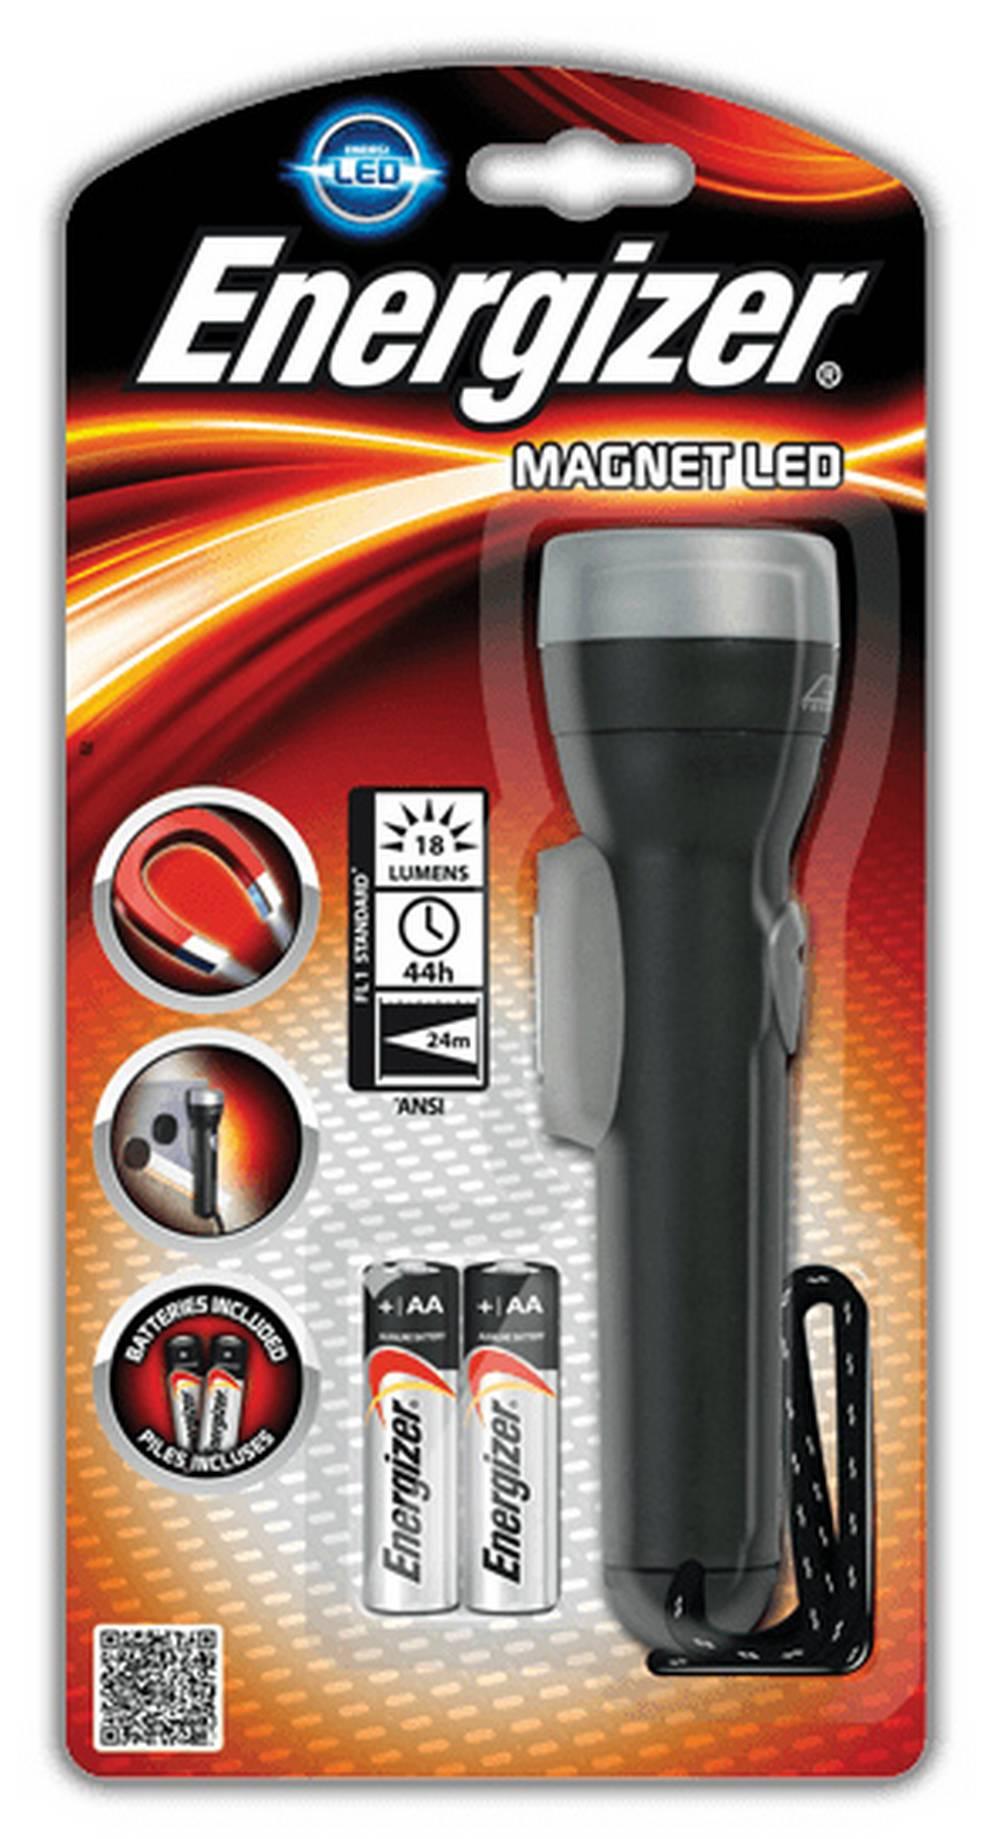 Φακός Energizer Magnet Led 1 Led 18 Lumens με Μπαταρίες AA 2 Τεμ. Μαύρο